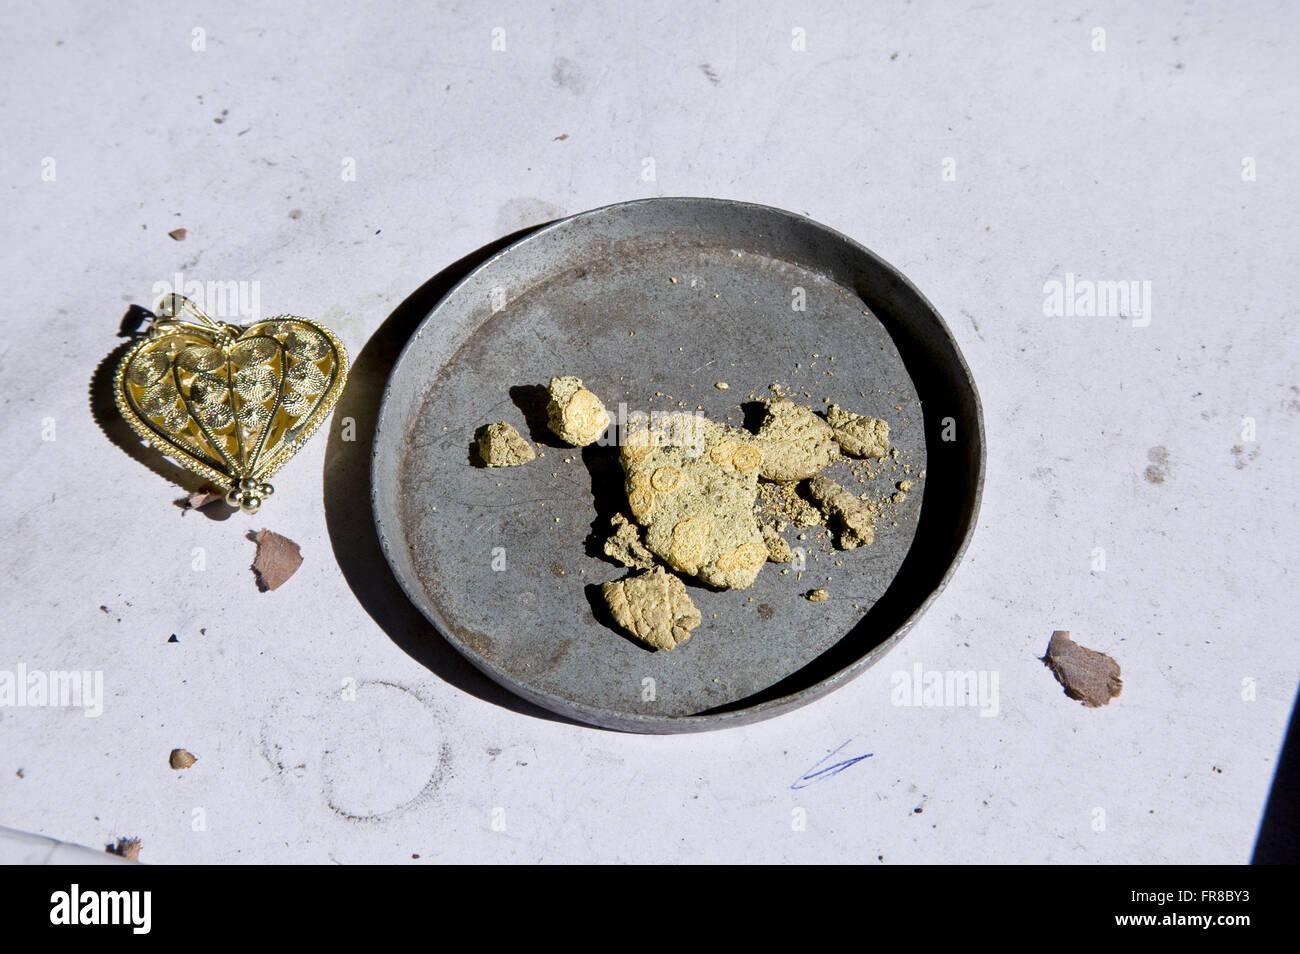 Detalle de joyas de oro y sus materias primas: oro en polvo Foto de stock